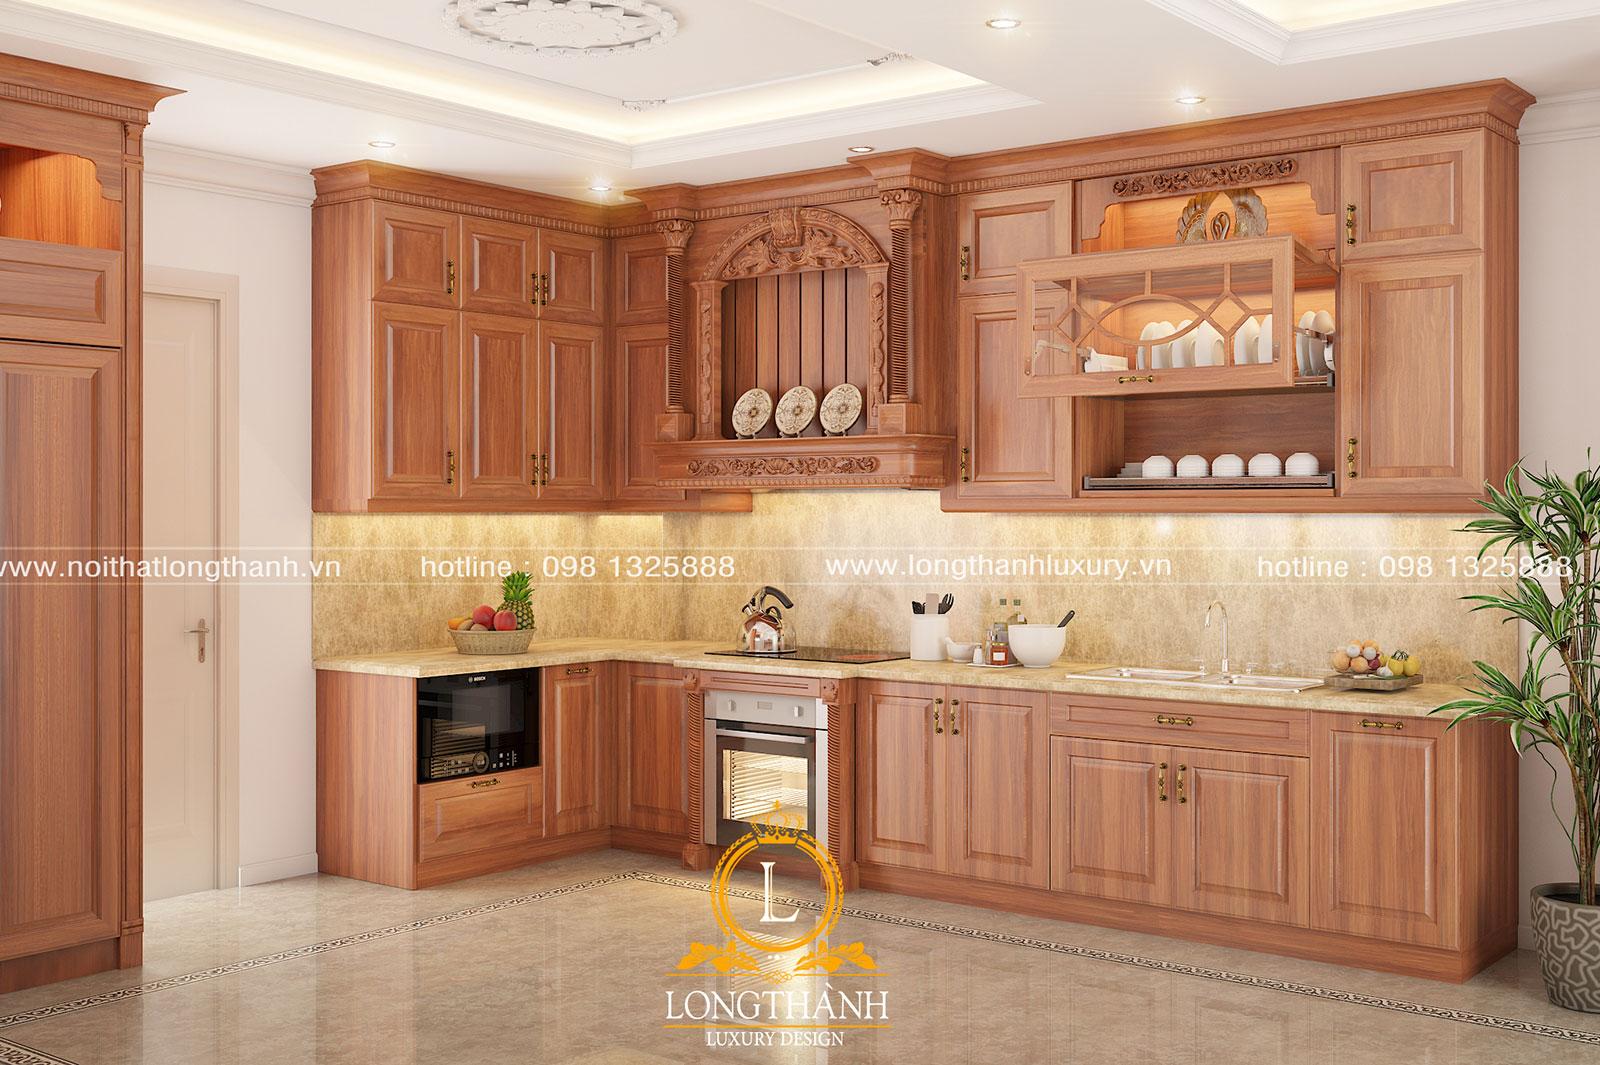 Tủ bếp tân cổ điển gỗ Gõ tự nhiên – xu hướng thiết kế phòng bếp mới nhất thị trường